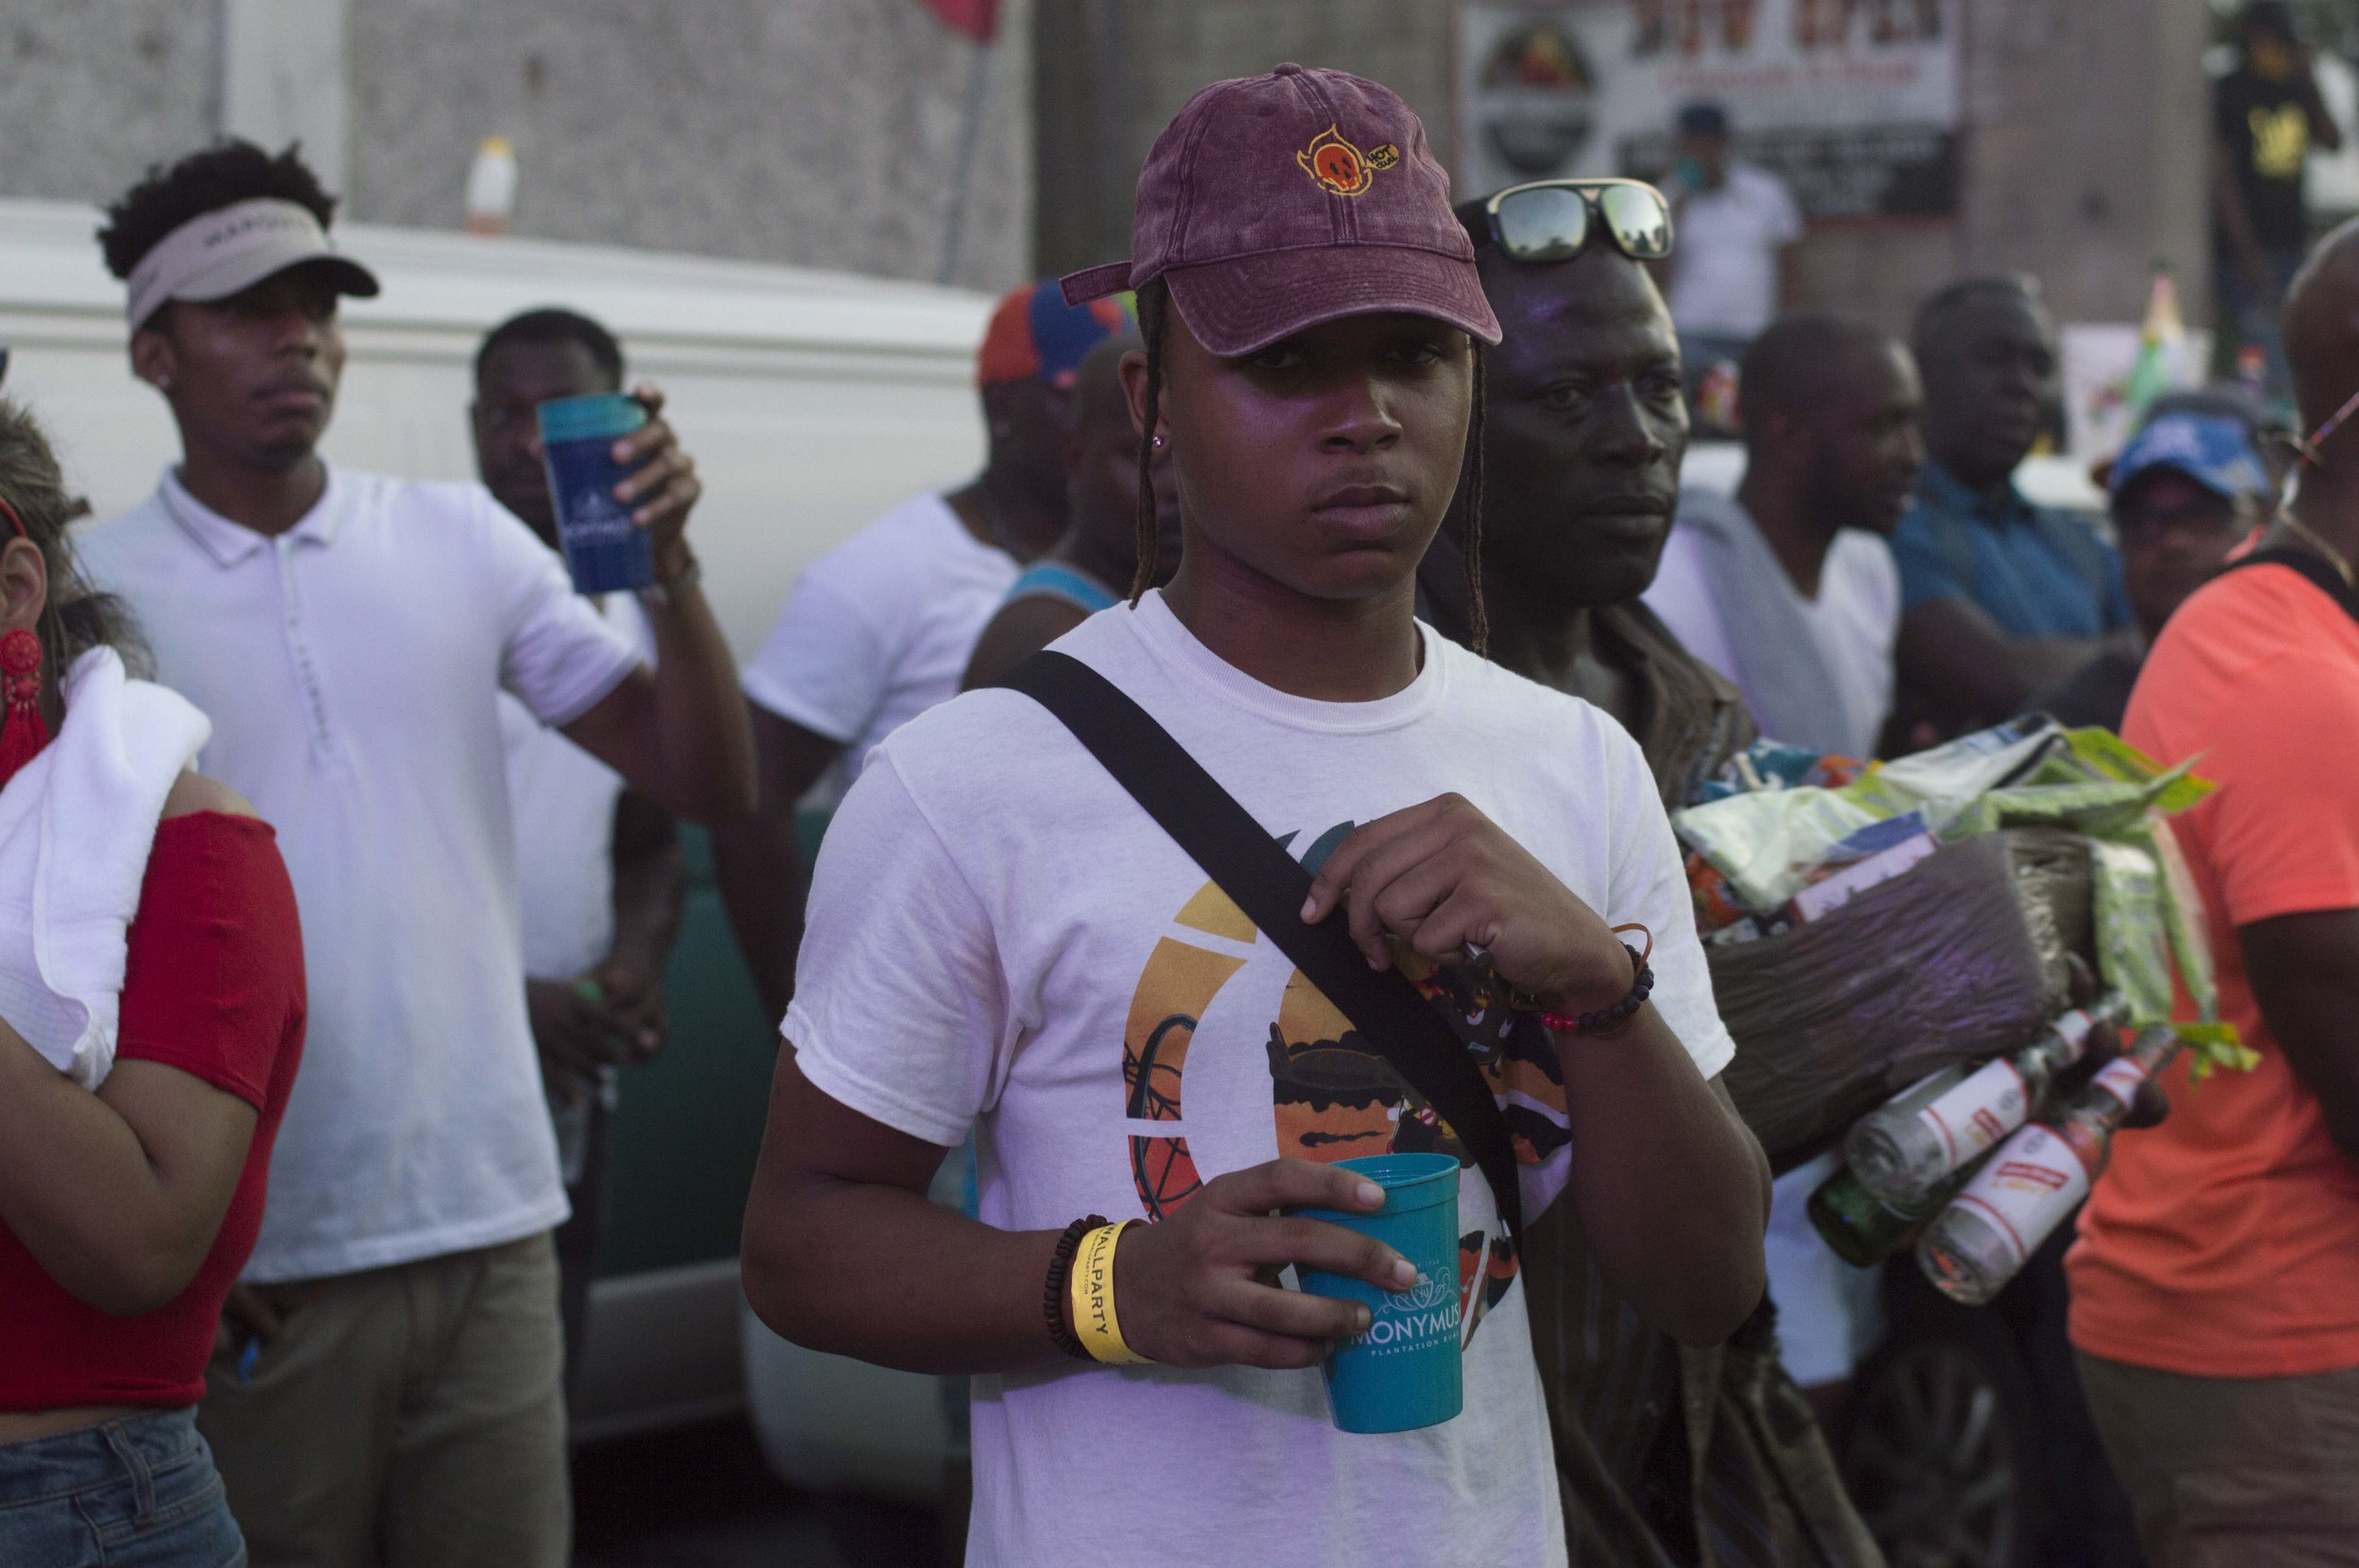 carnival2019_jeanalindo-98.jpg